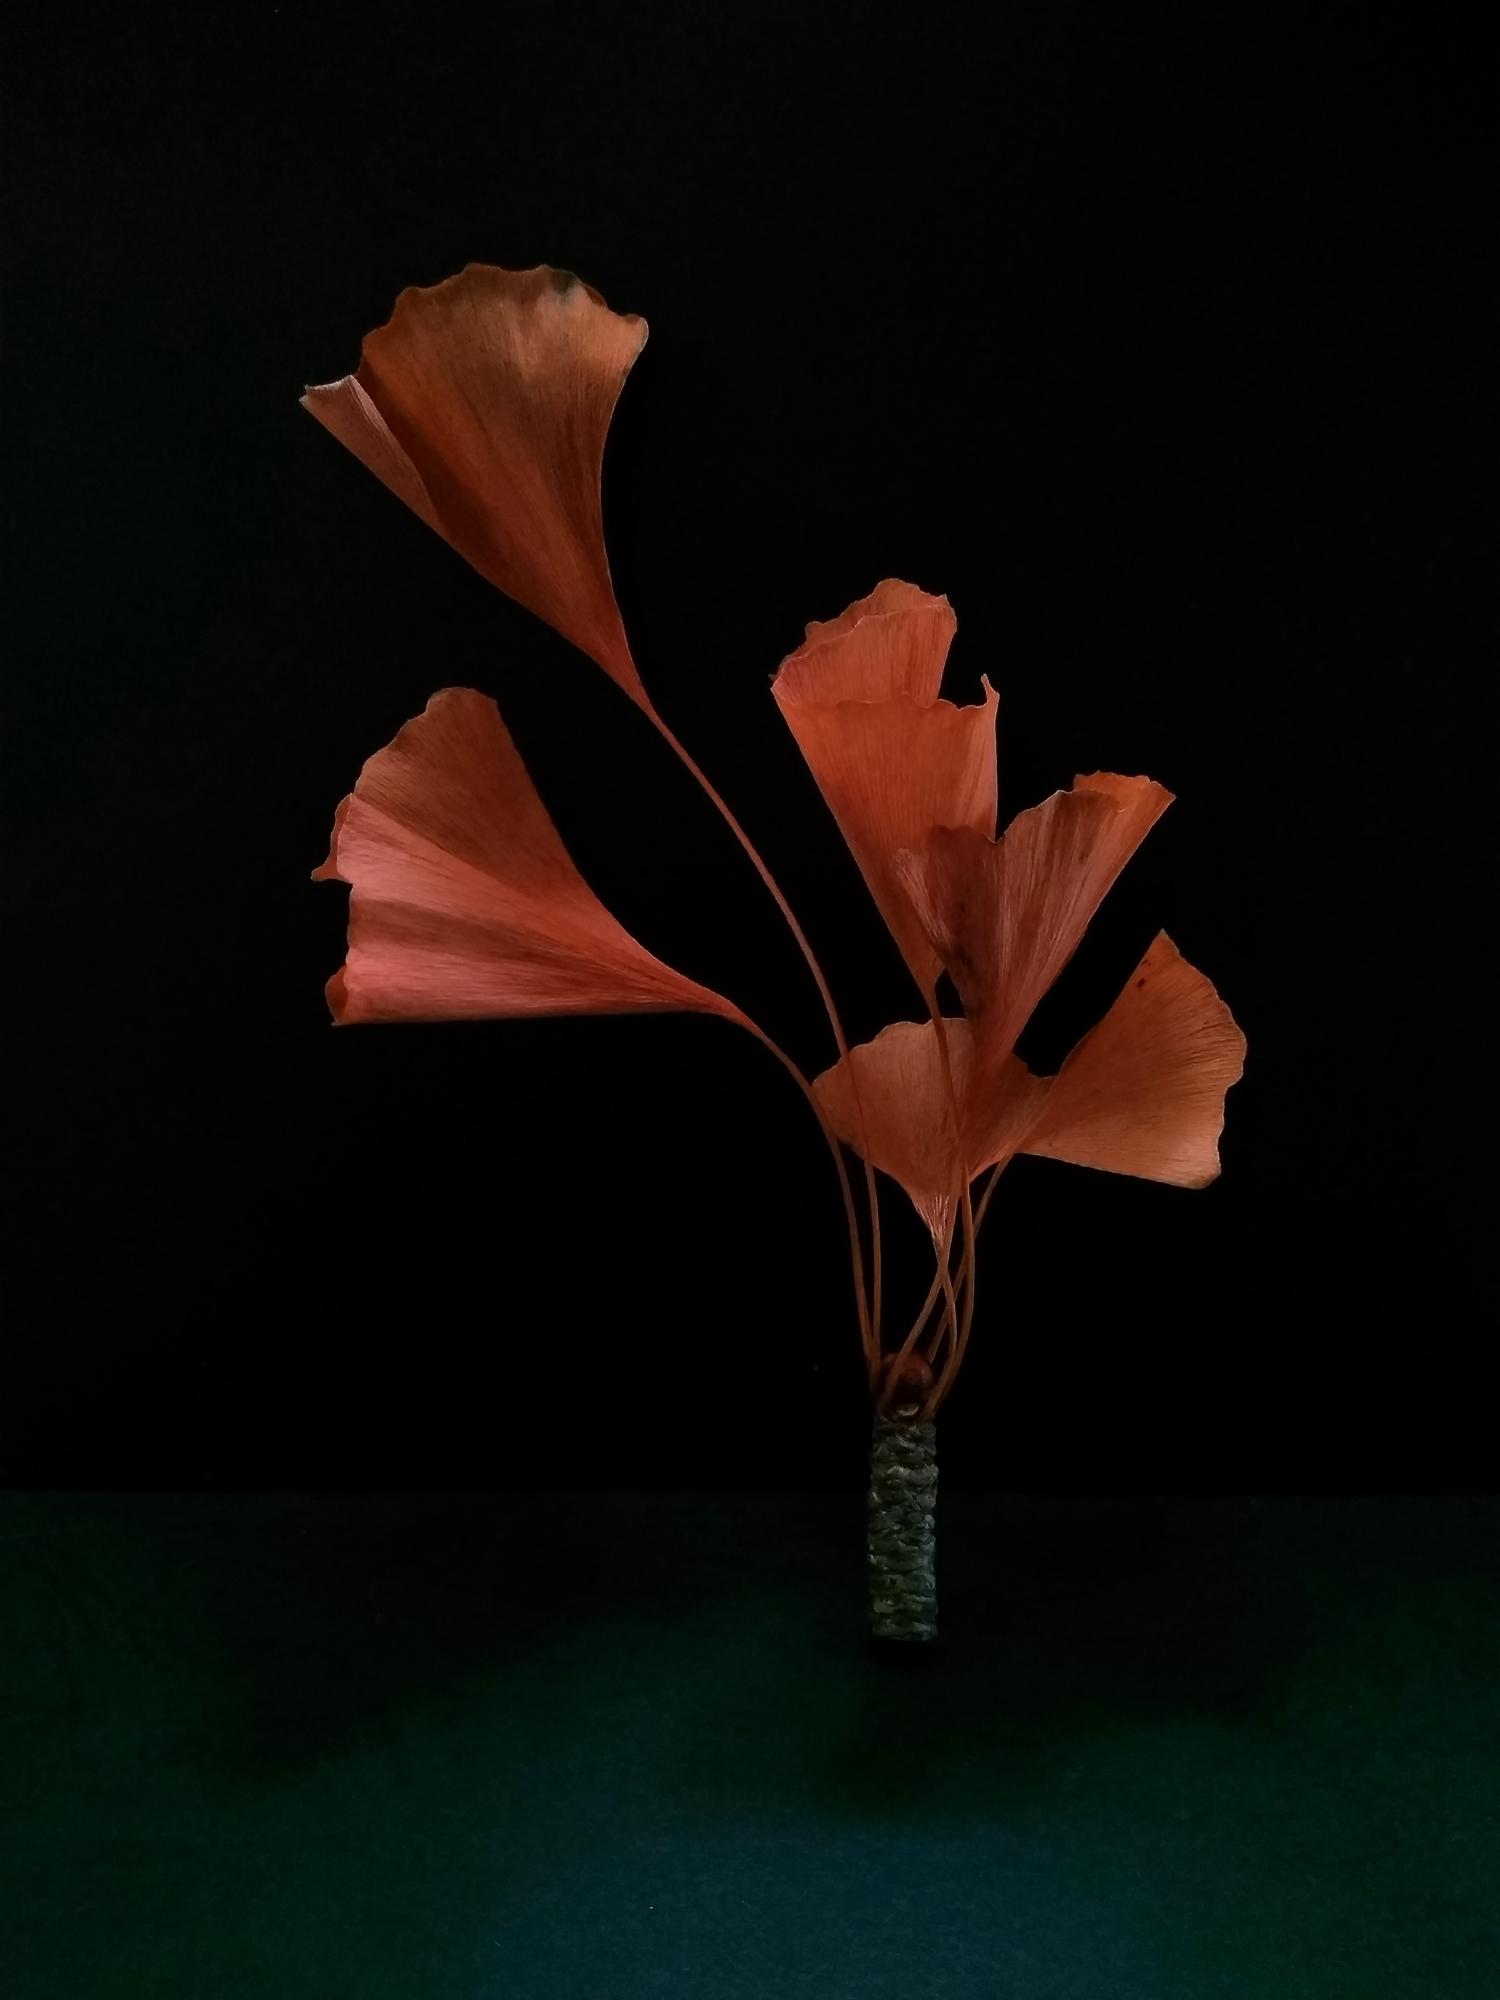 8.leaves.jpg